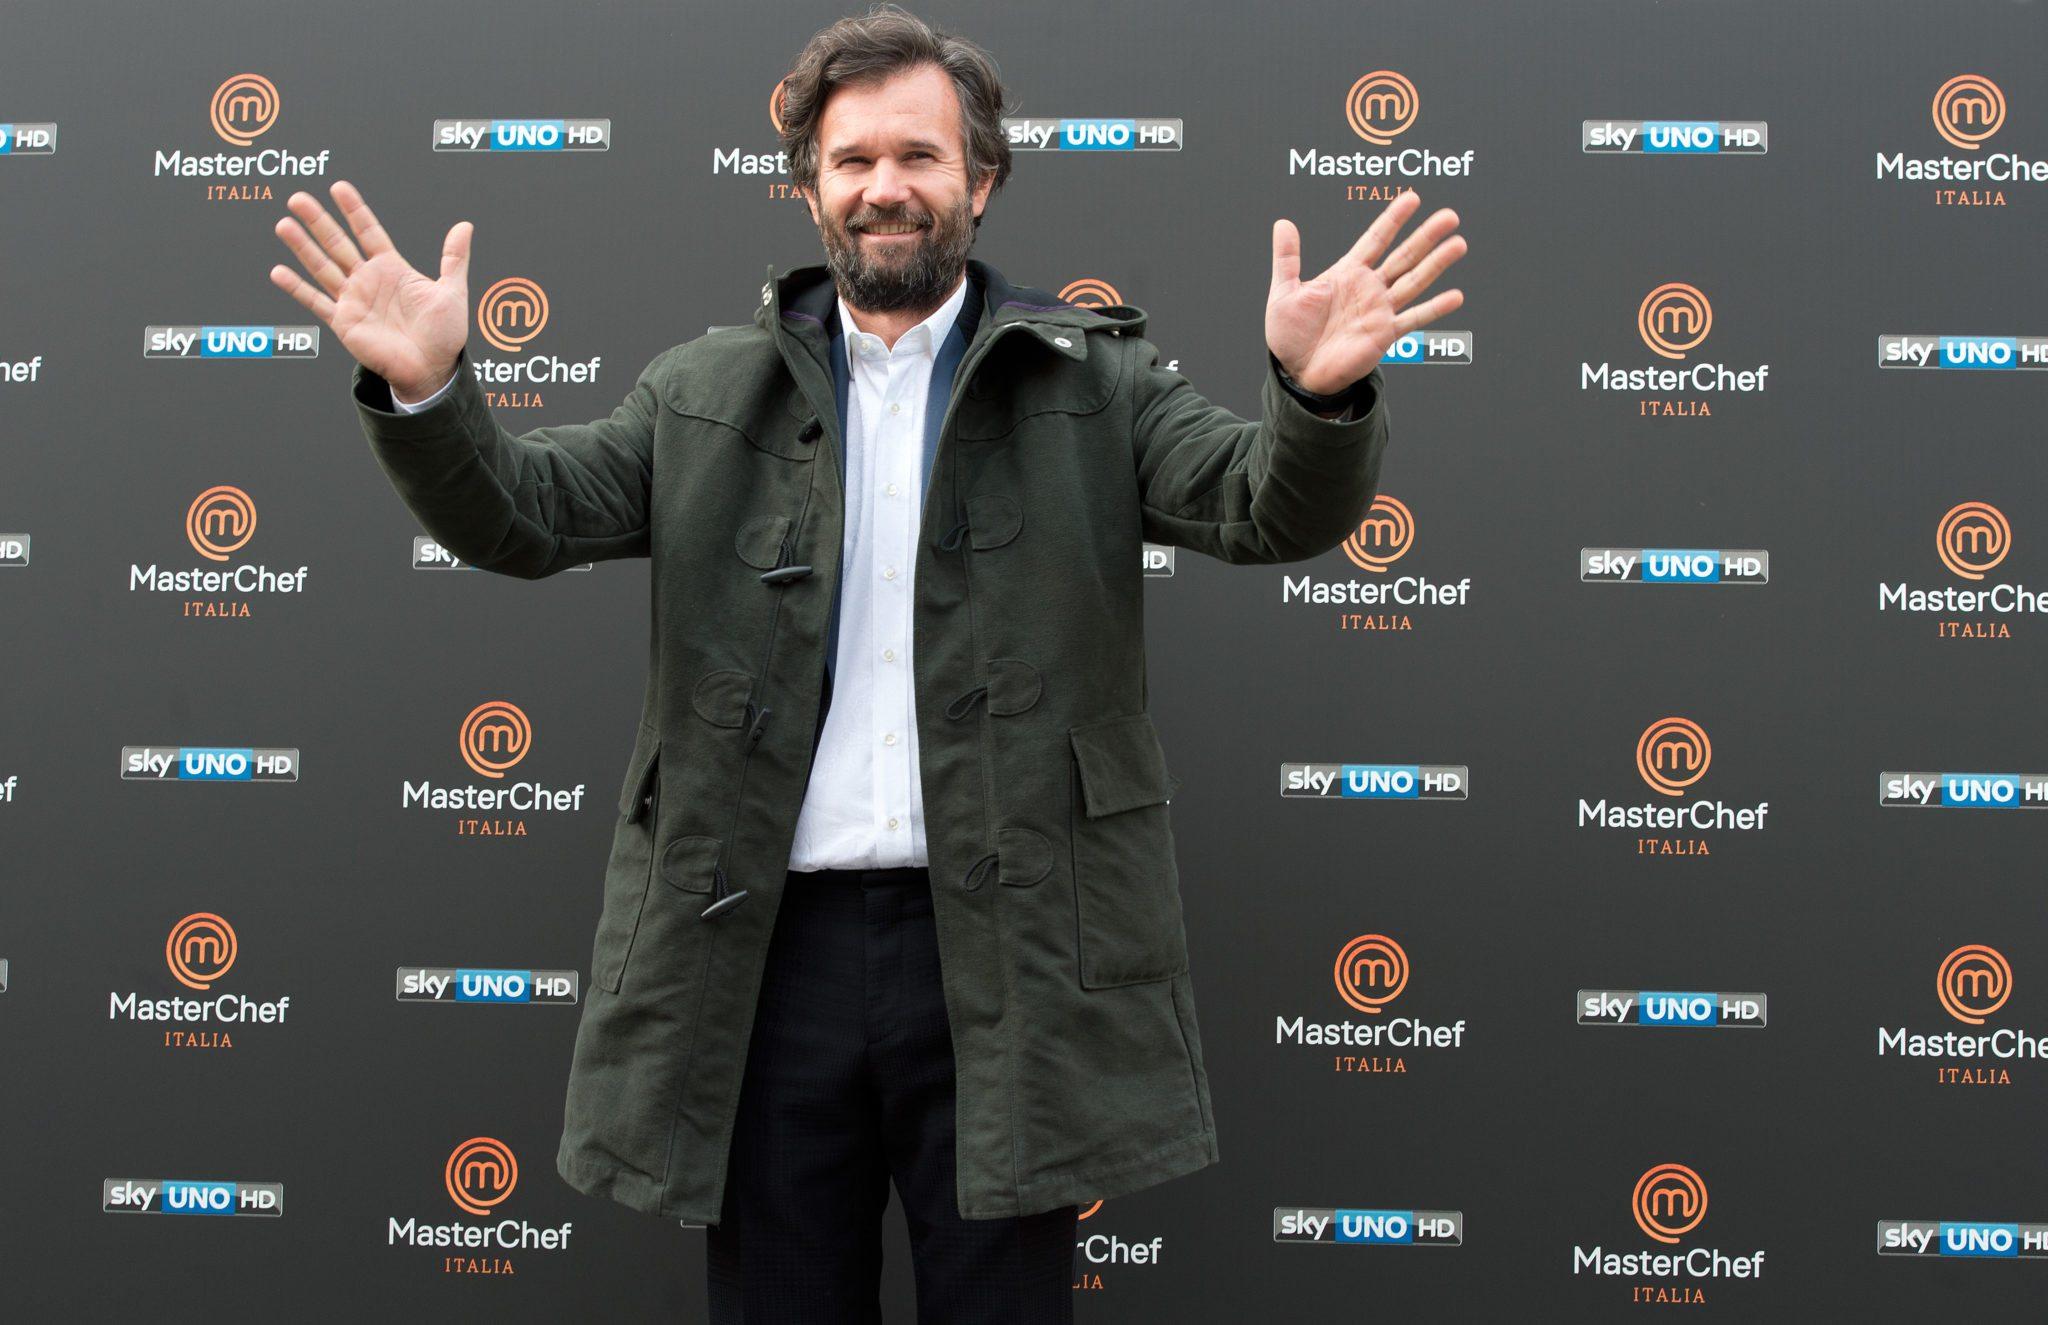 carlo cracco masterchef italia